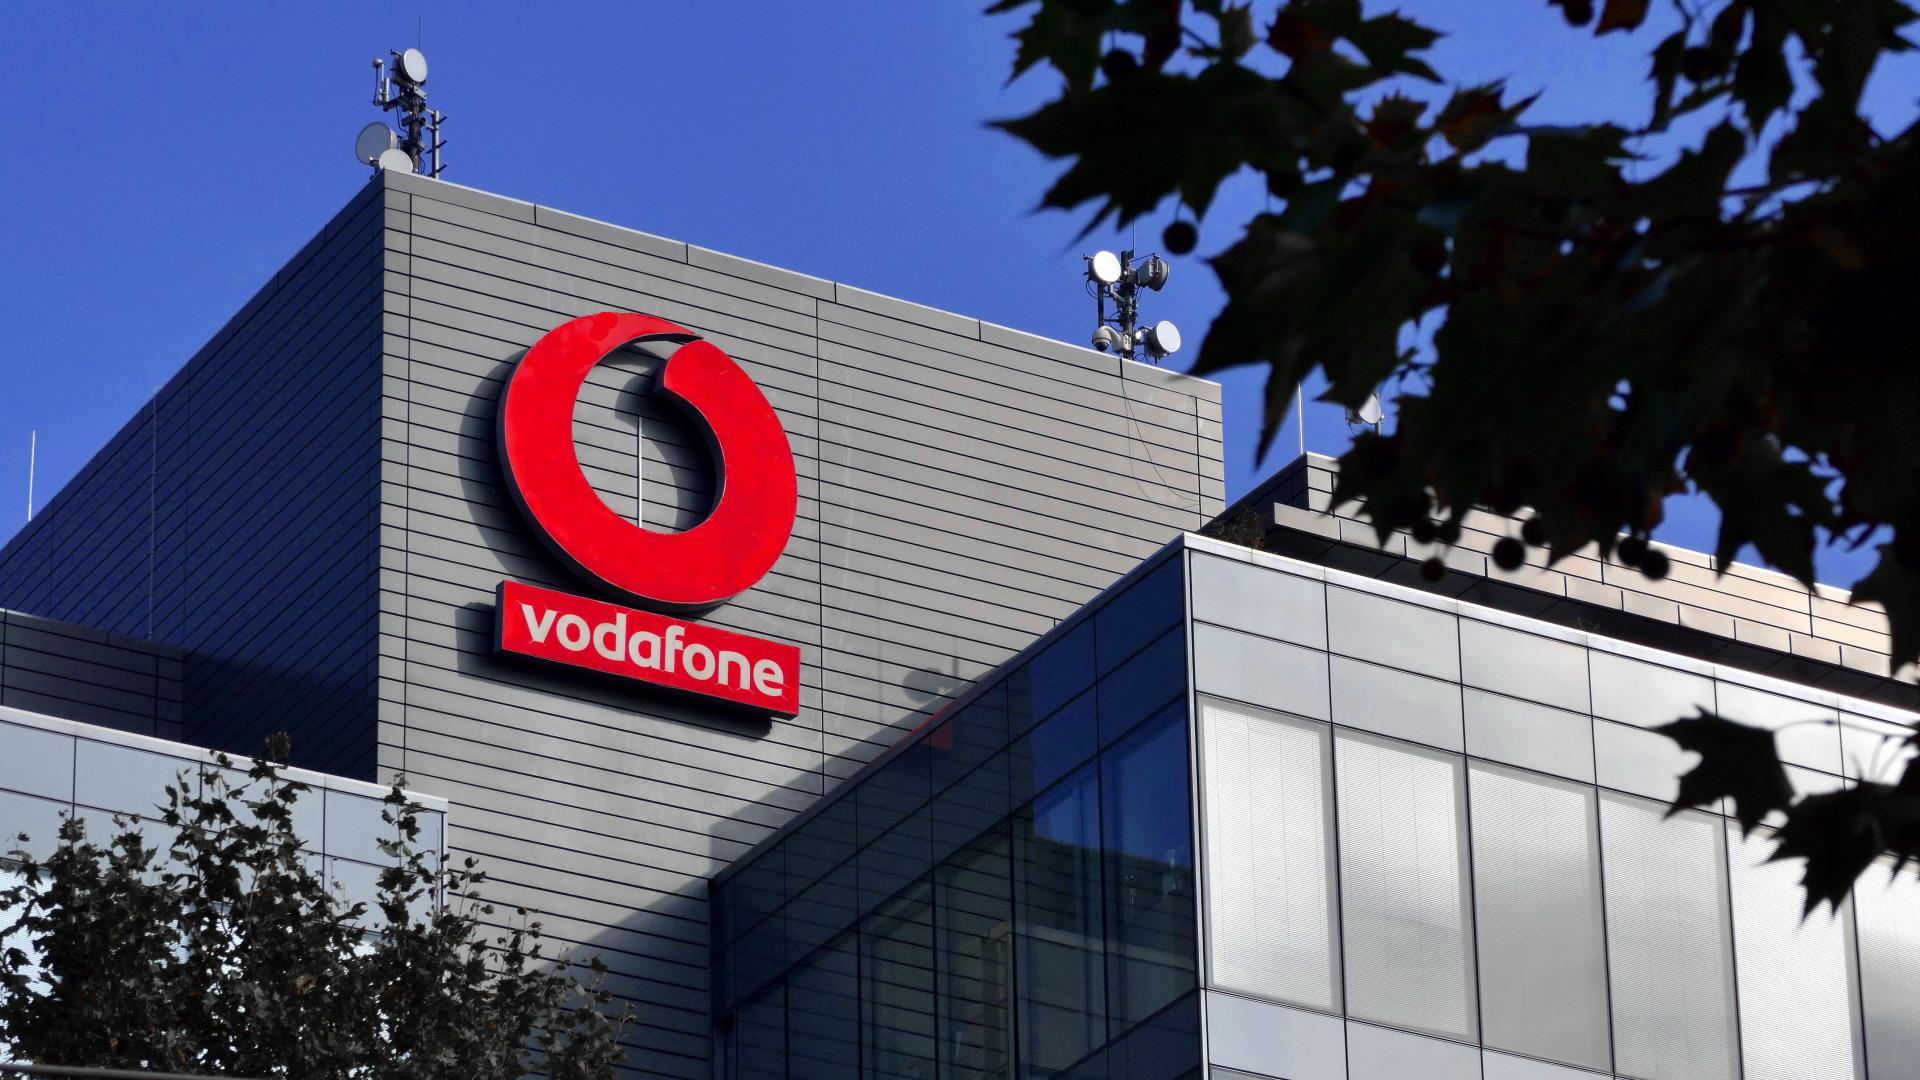 Még mindig gondok vannak a Vodafone-nál a nagy átállás után